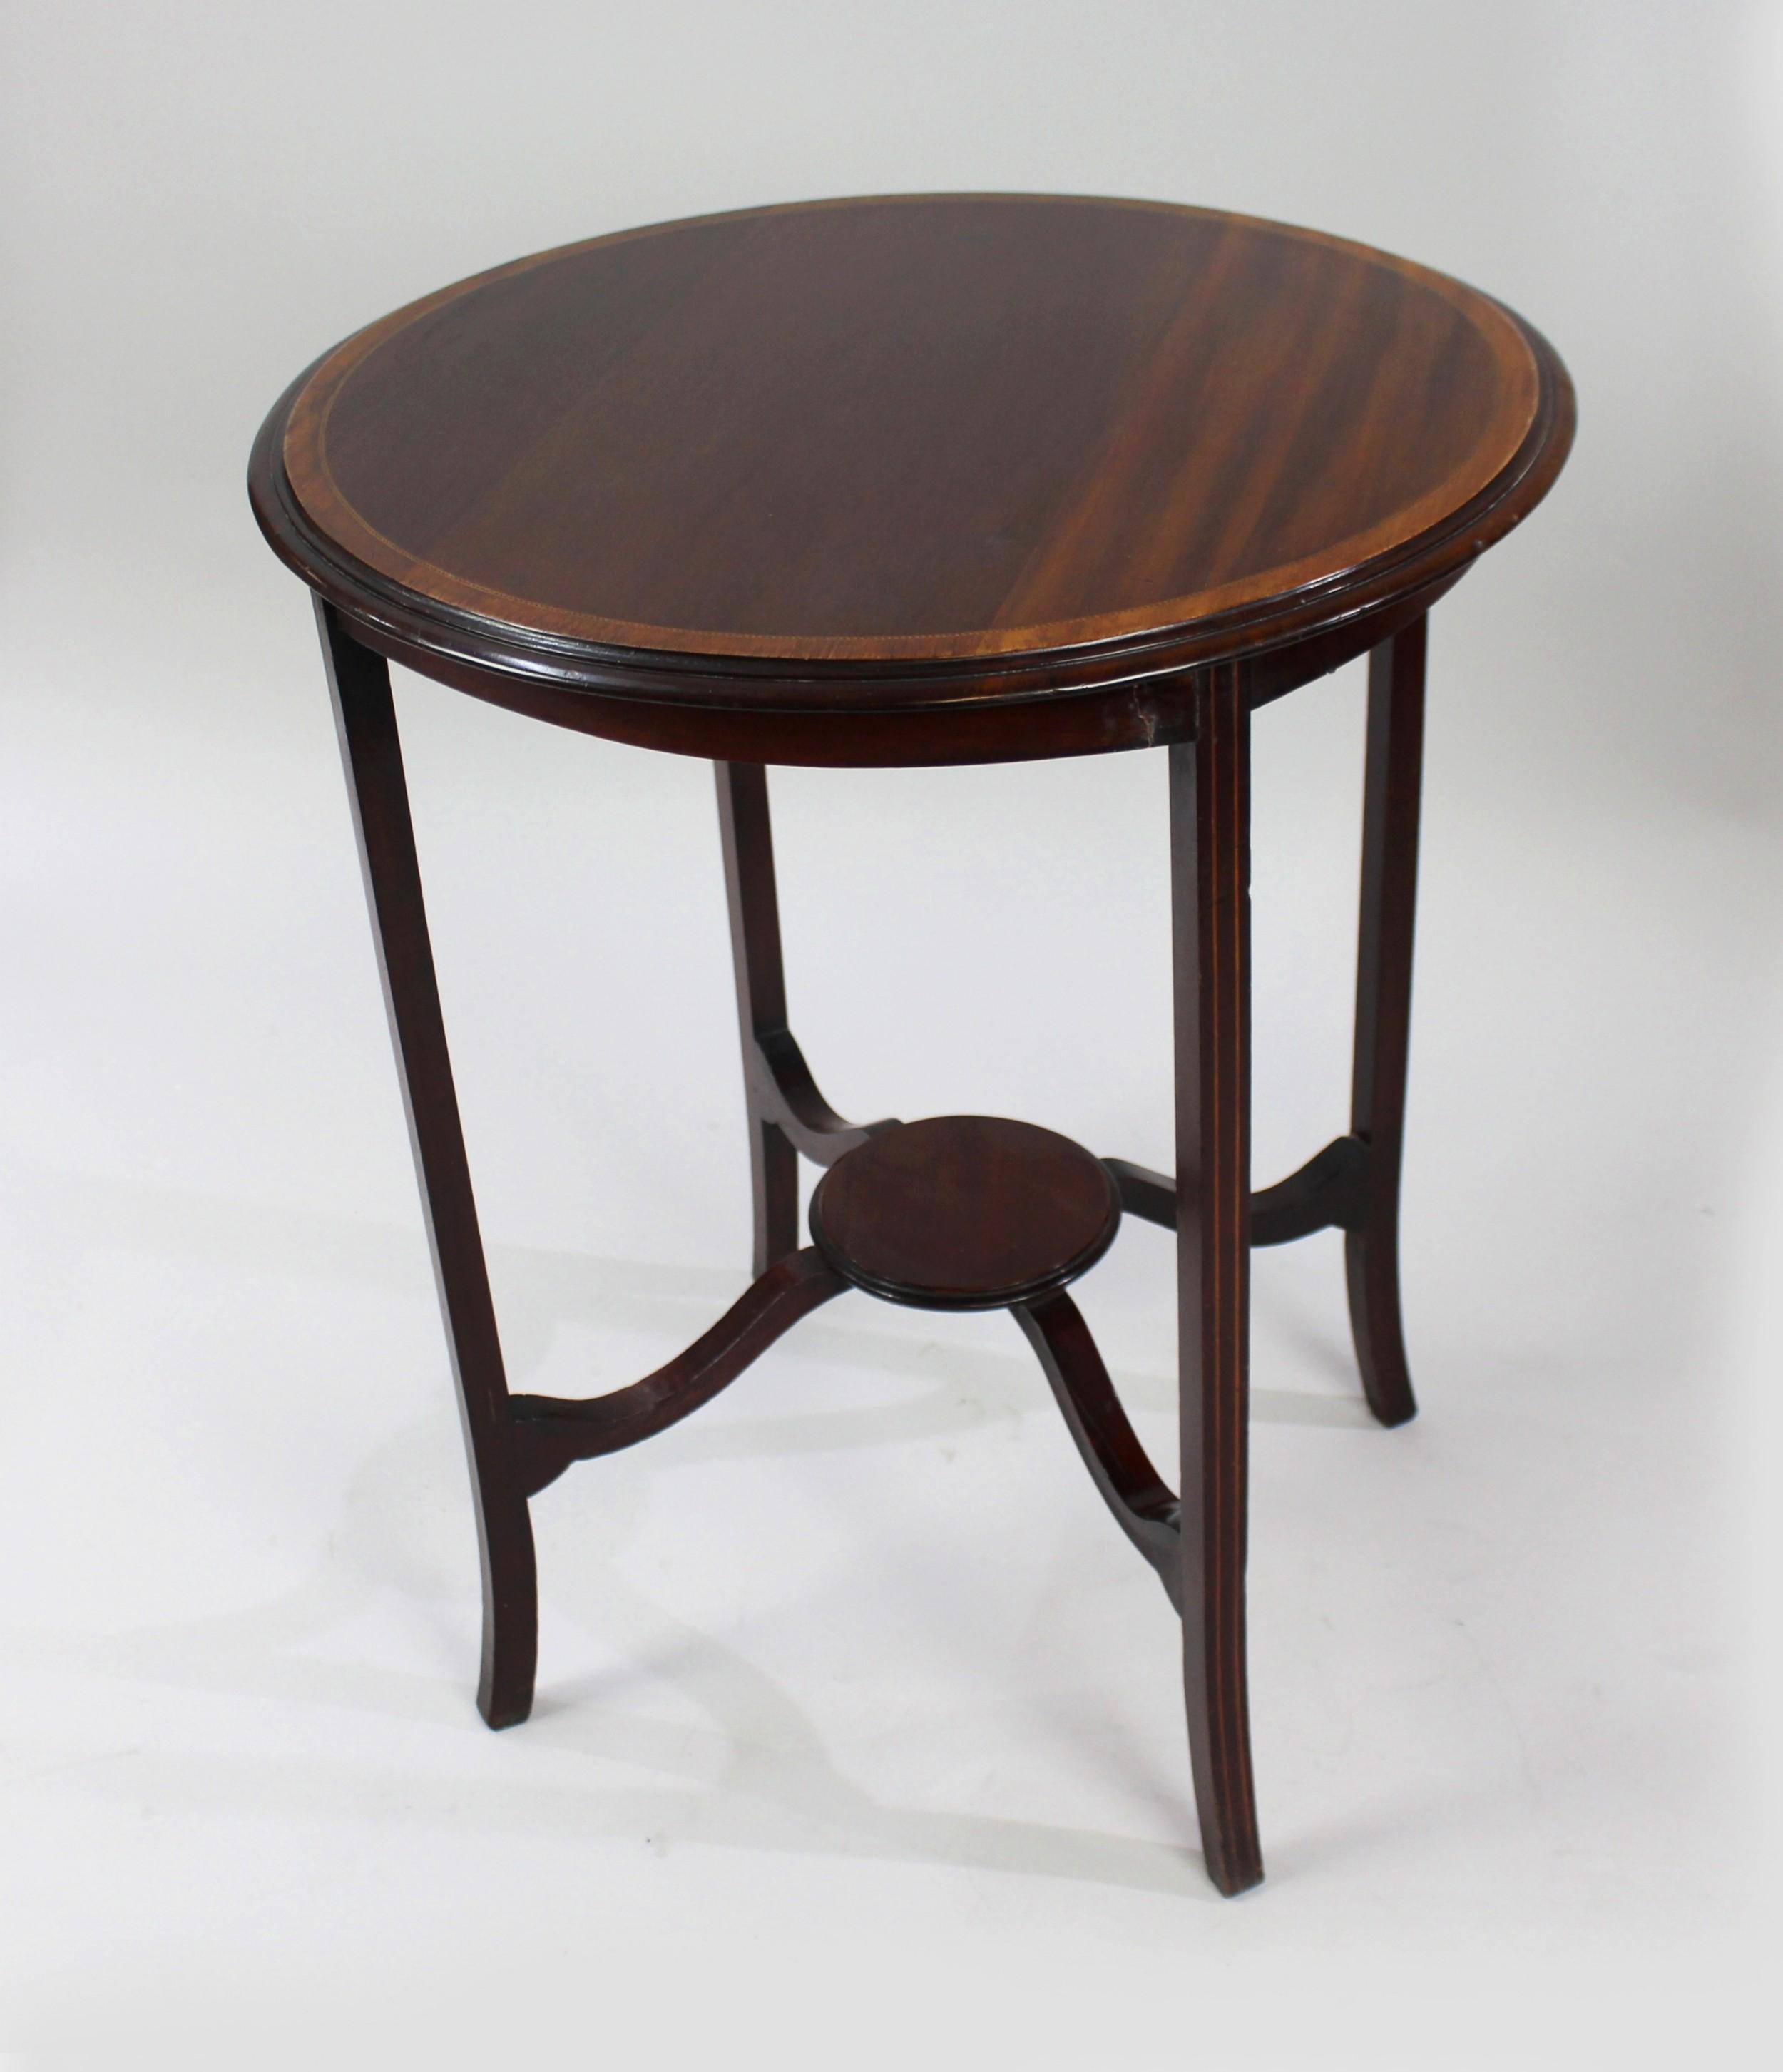 edwardian inlaid mahogany circular lamp table